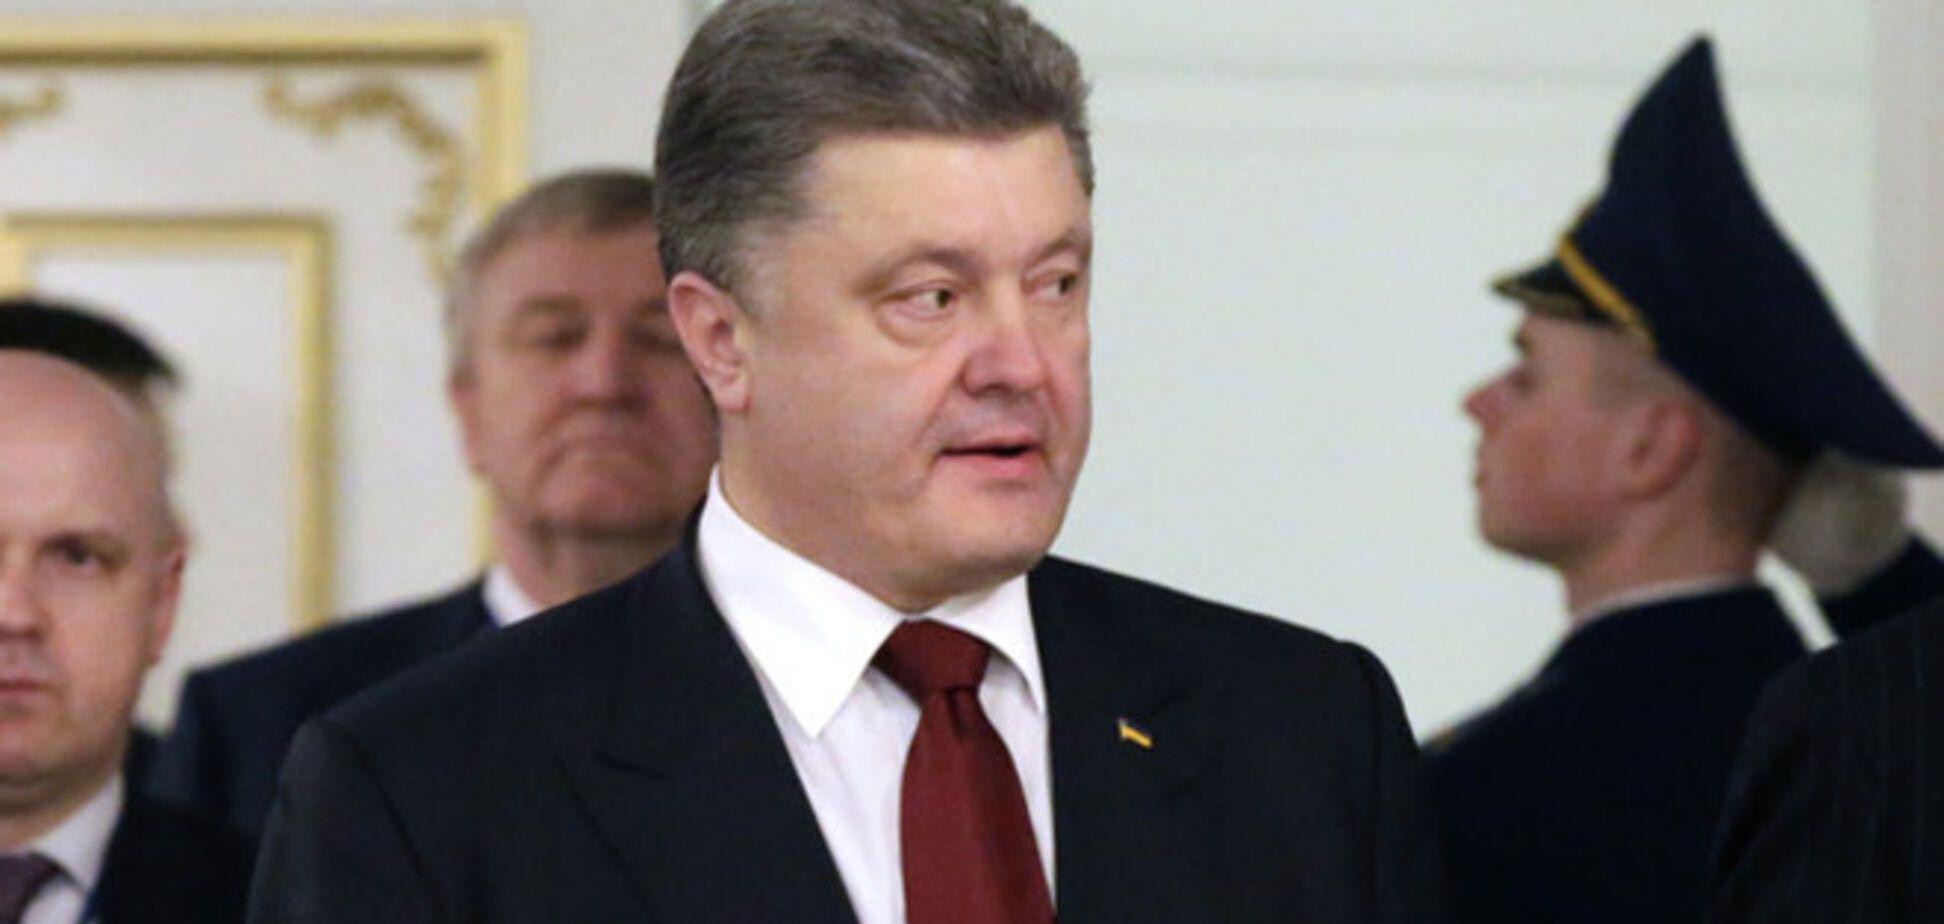 Чорновил: подписанный в Минске документ - прелюдия к длительному миру